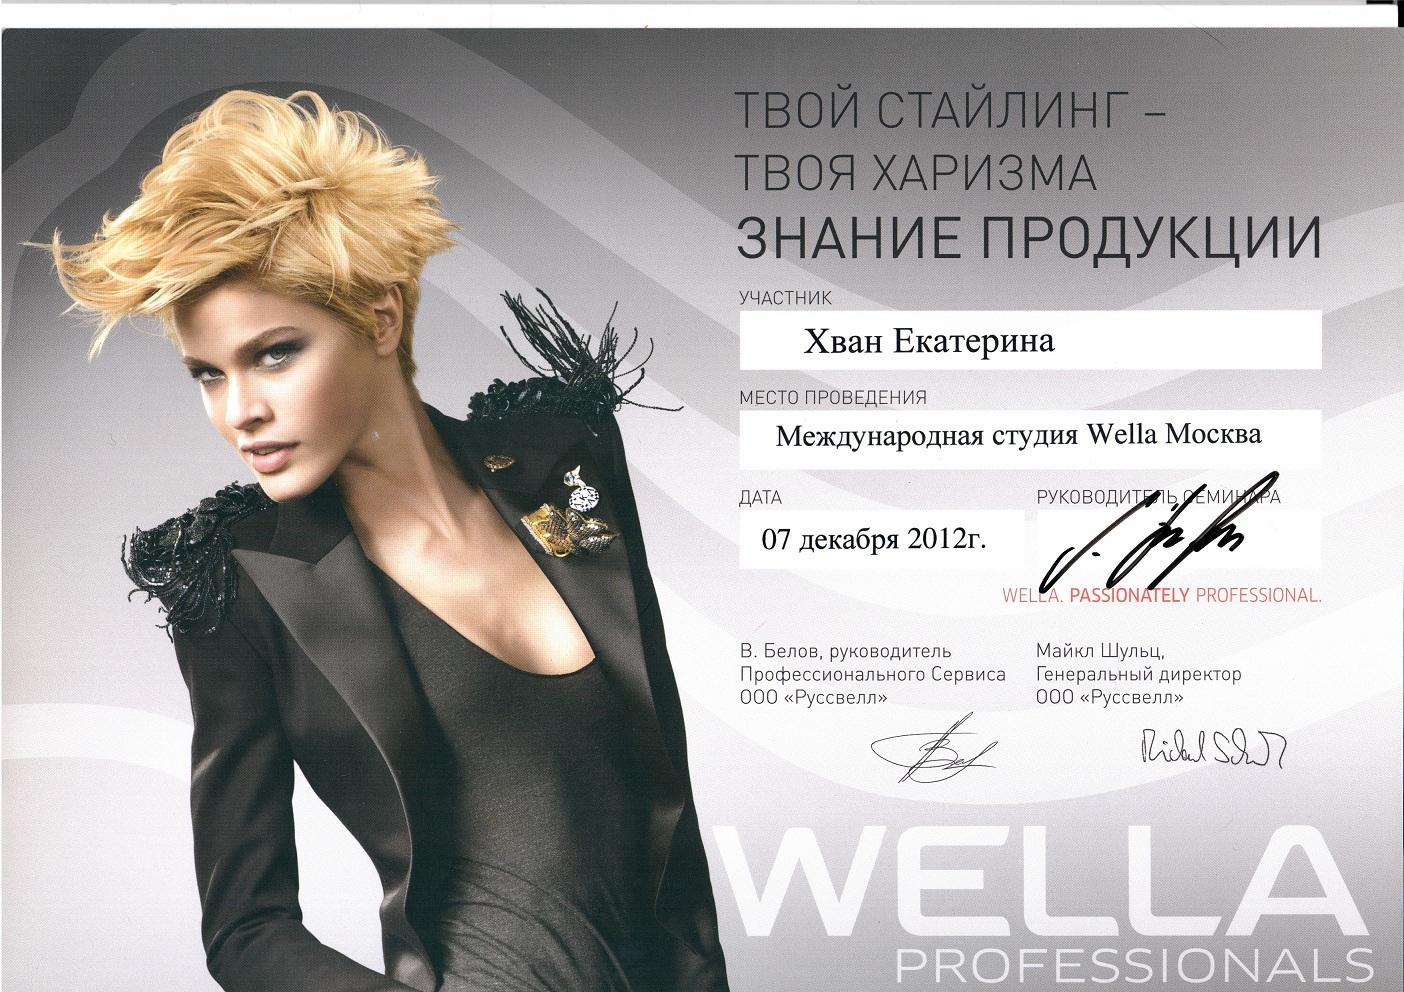 2012 твой стайлинг, твоя харизма - знание продукции wella